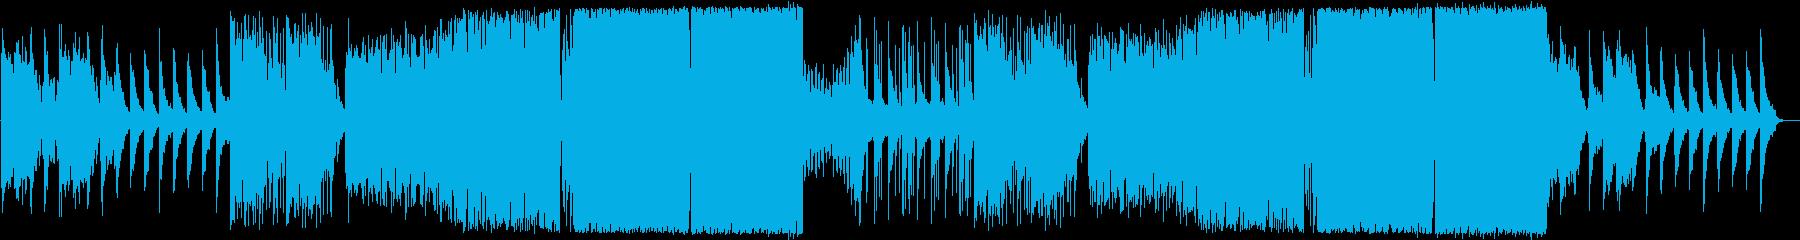 ピアノとボーカルチョップが爽やかなEDMの再生済みの波形